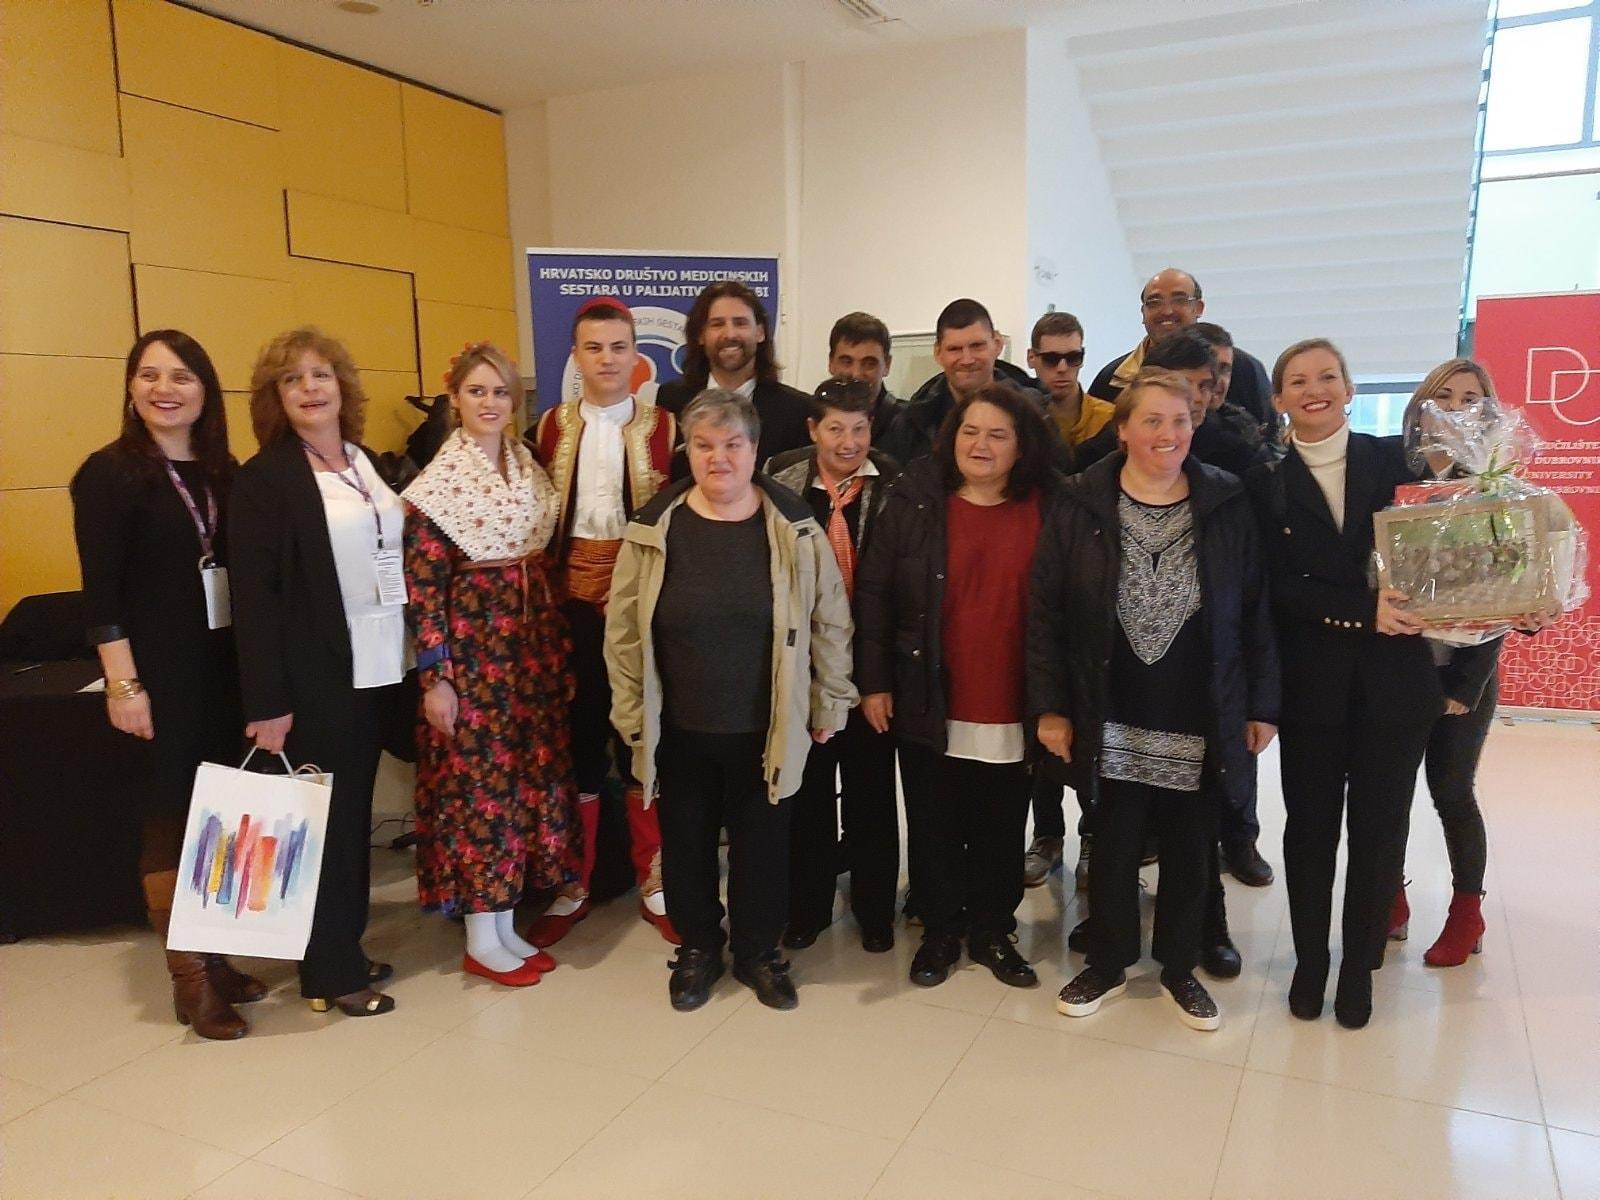 Zbor Josipovac zapjevao na otvaranju seminara o palijativnoj skrbi